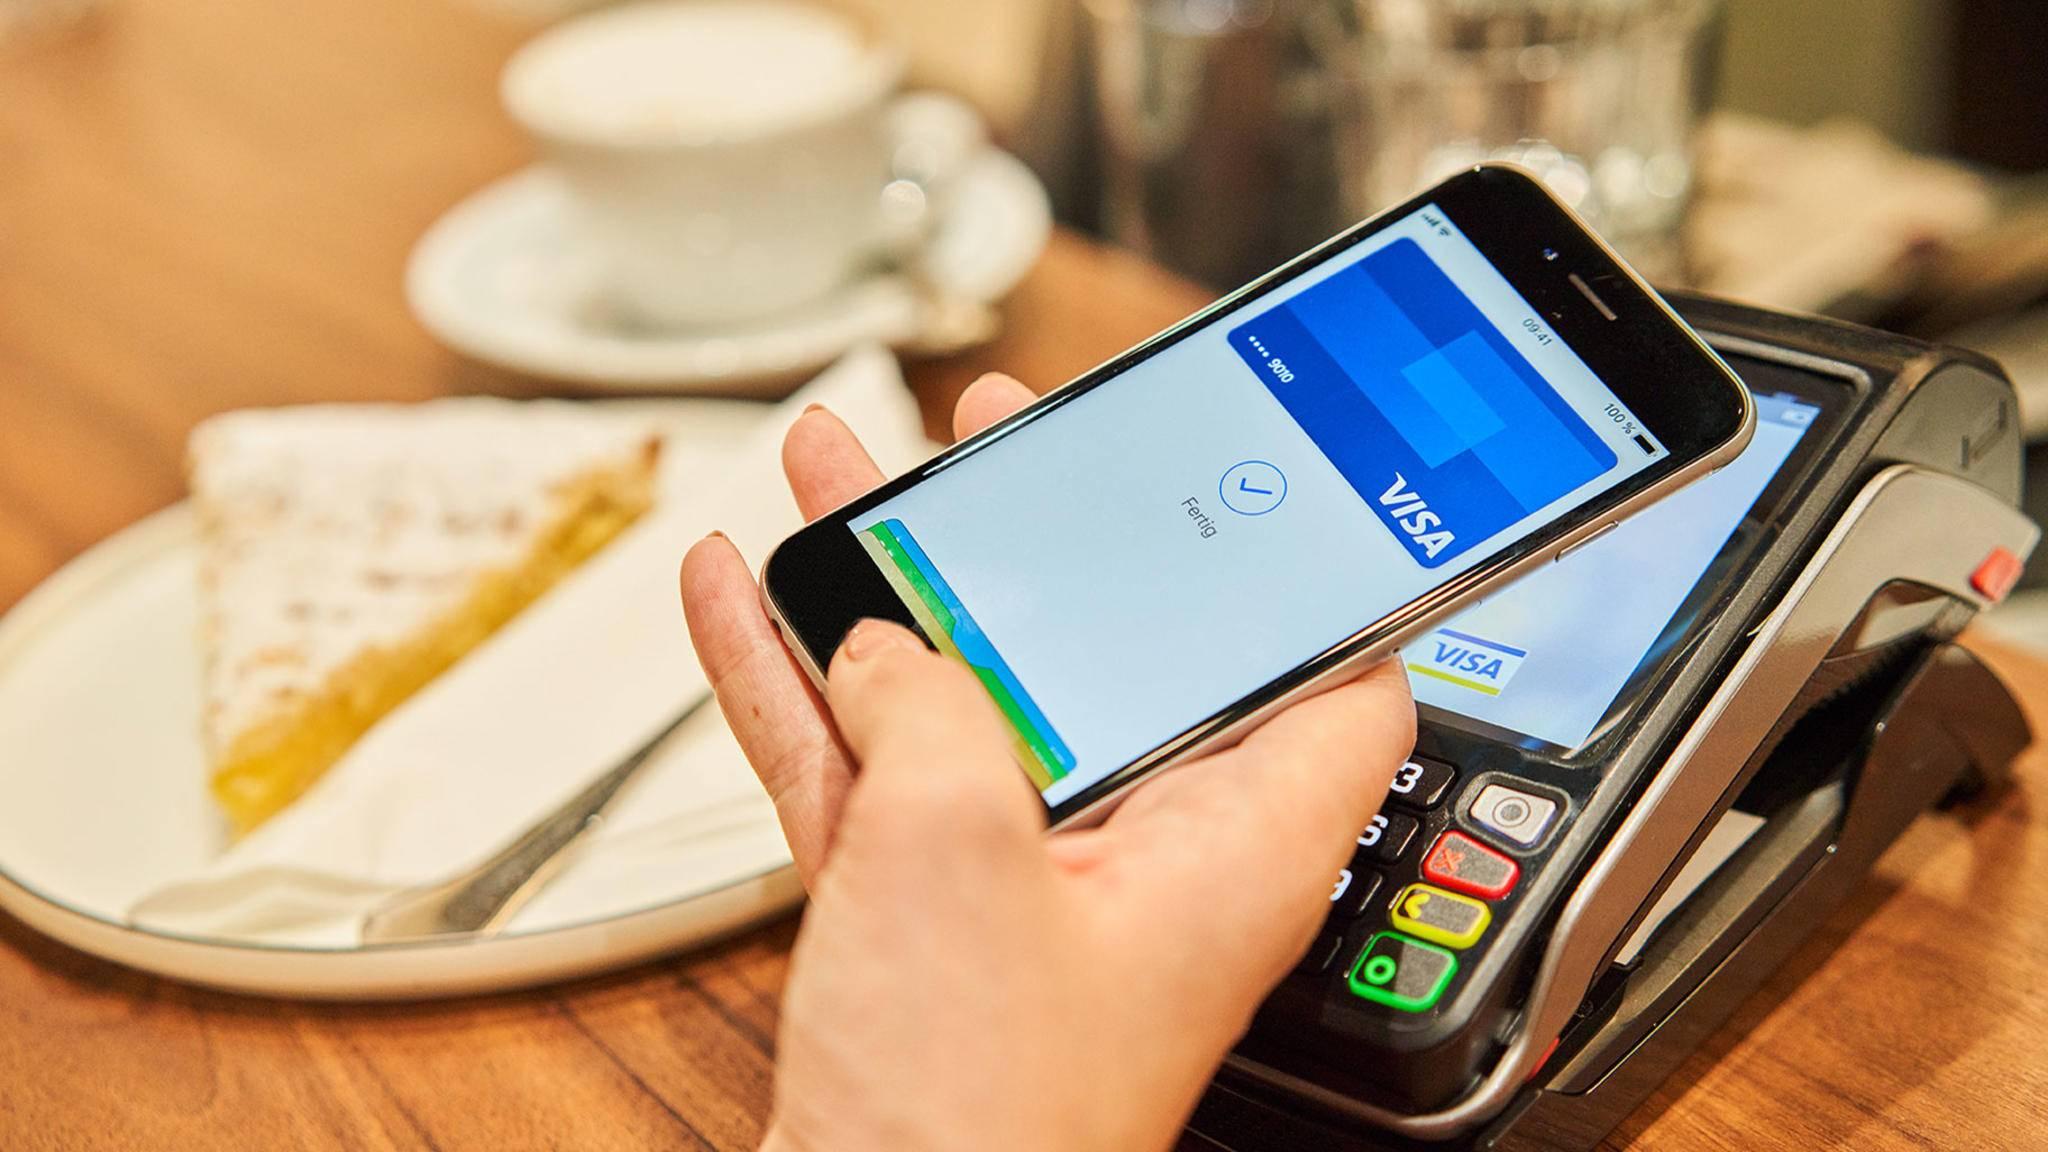 Neben Apple Pay könnte es auf dem iPhone demnächst auch andere Zahlungssysteme geben.